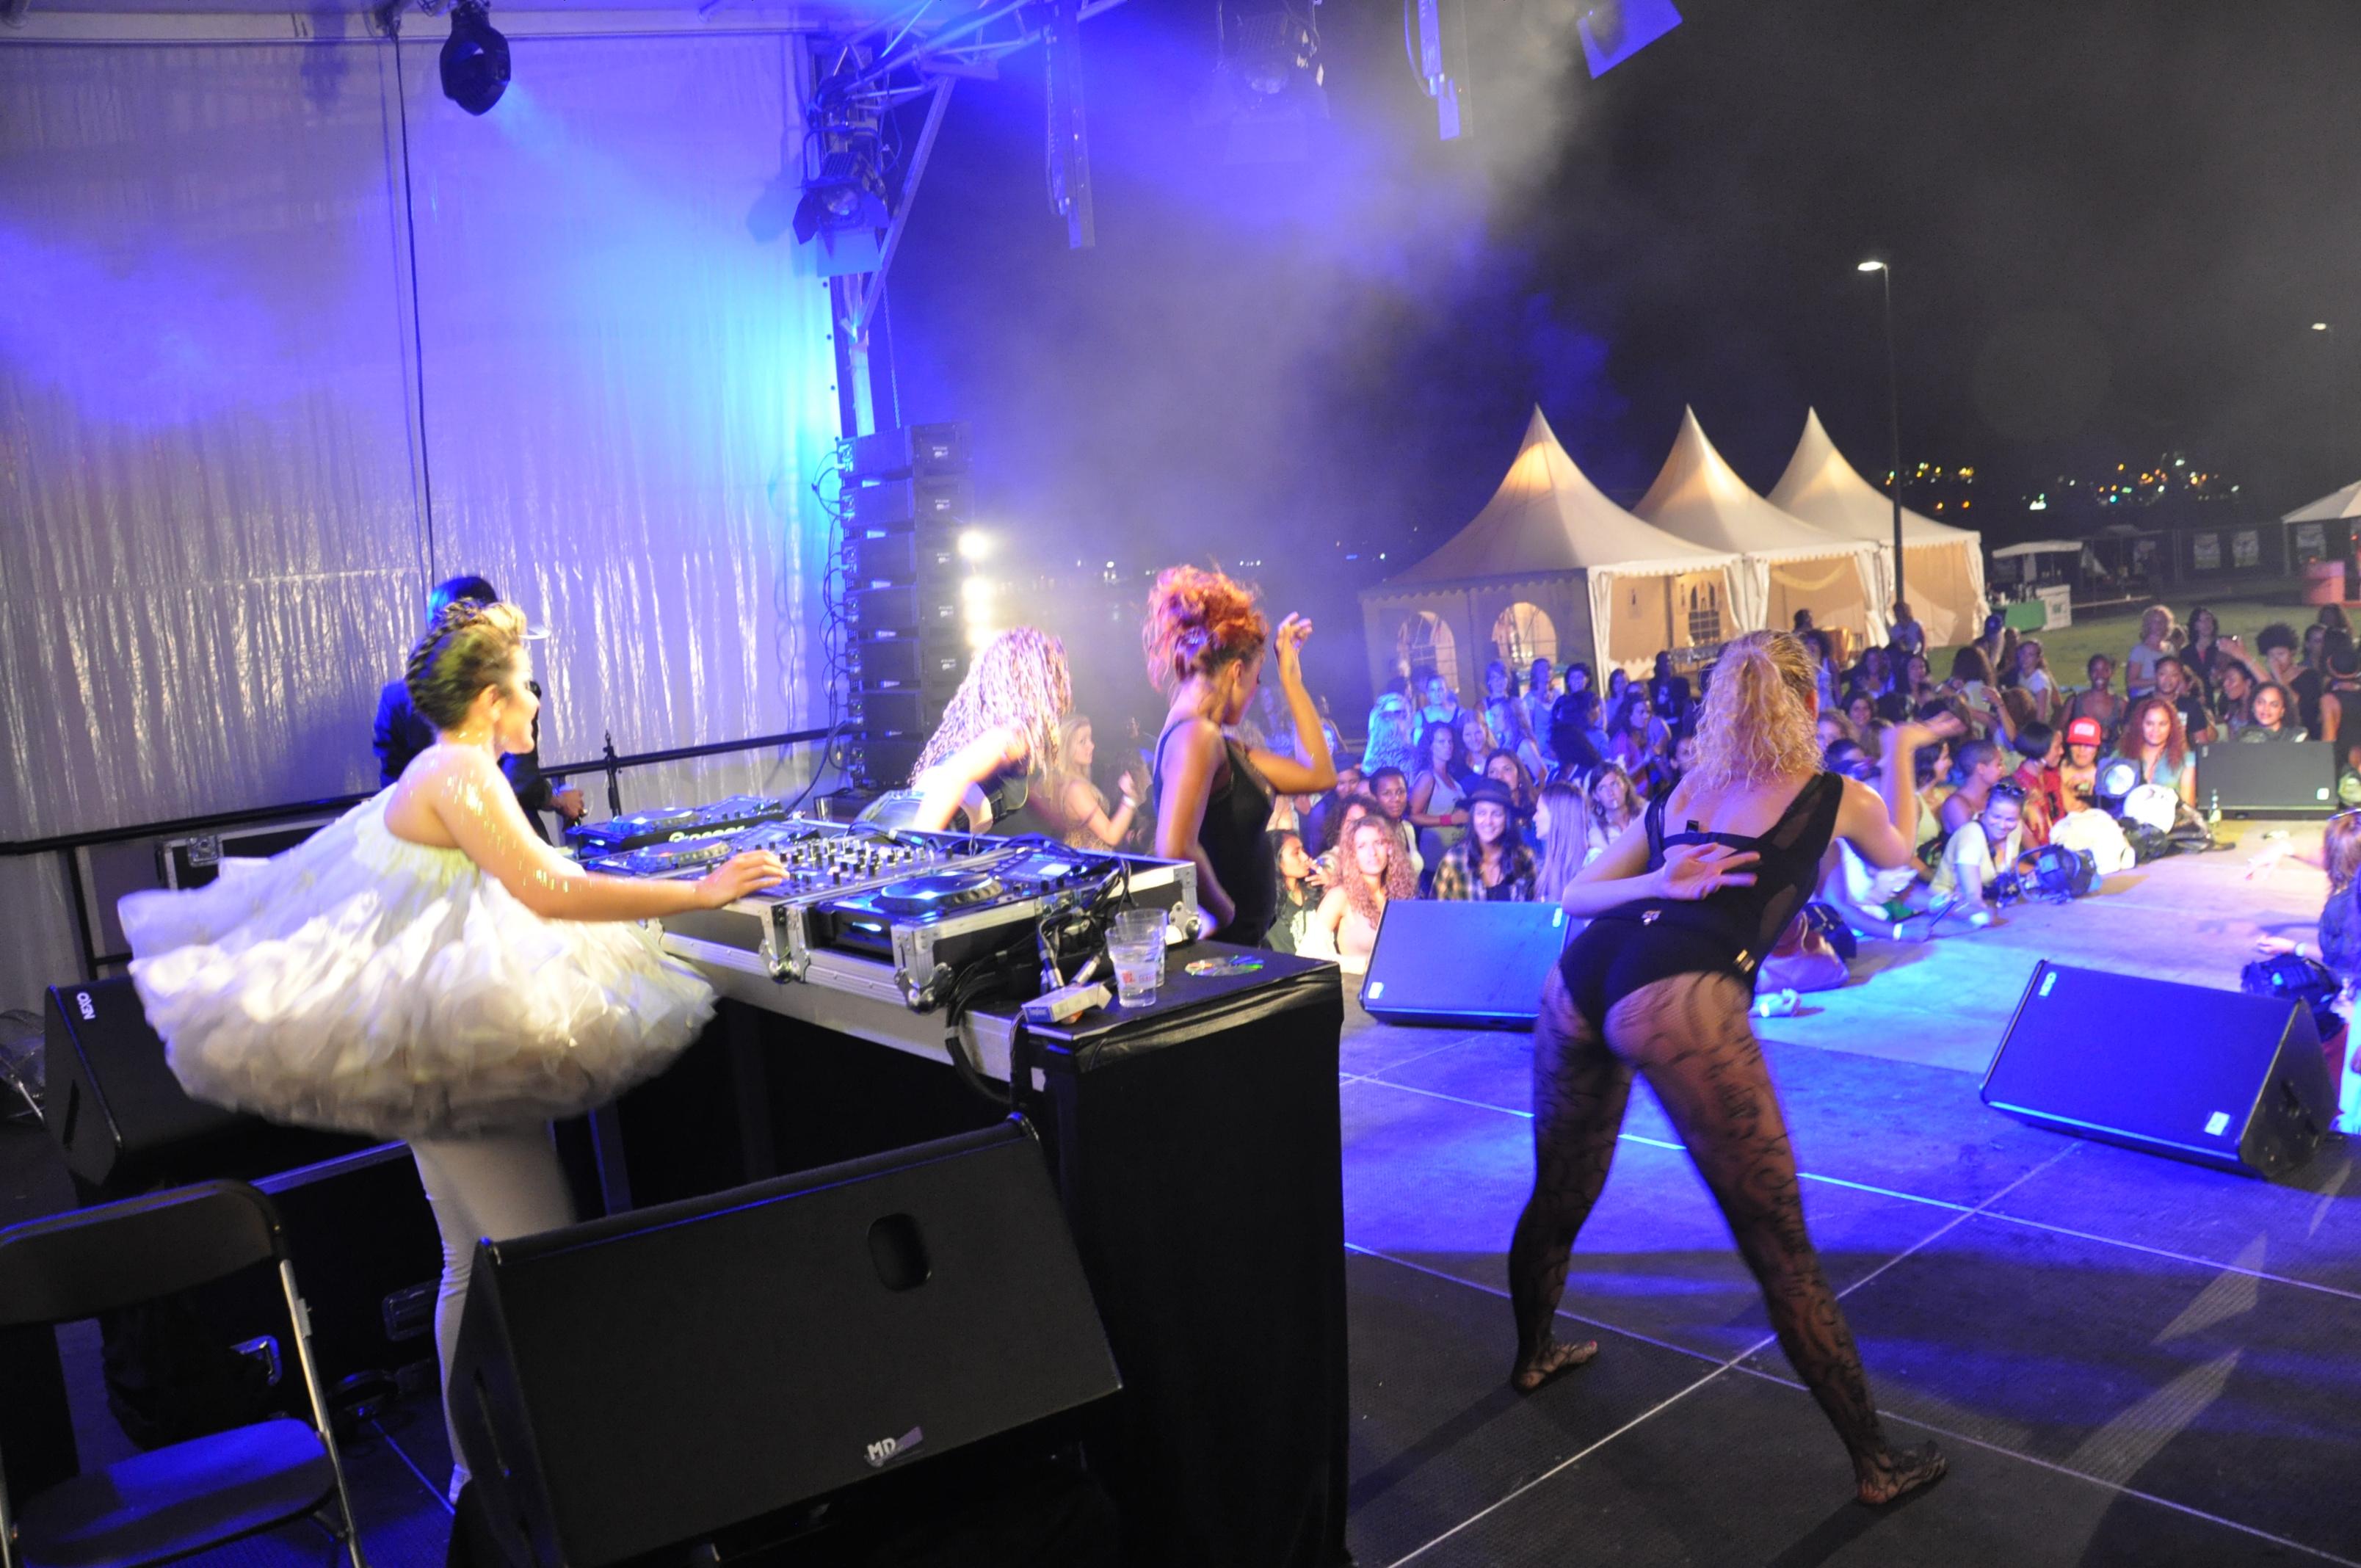 Festival 9